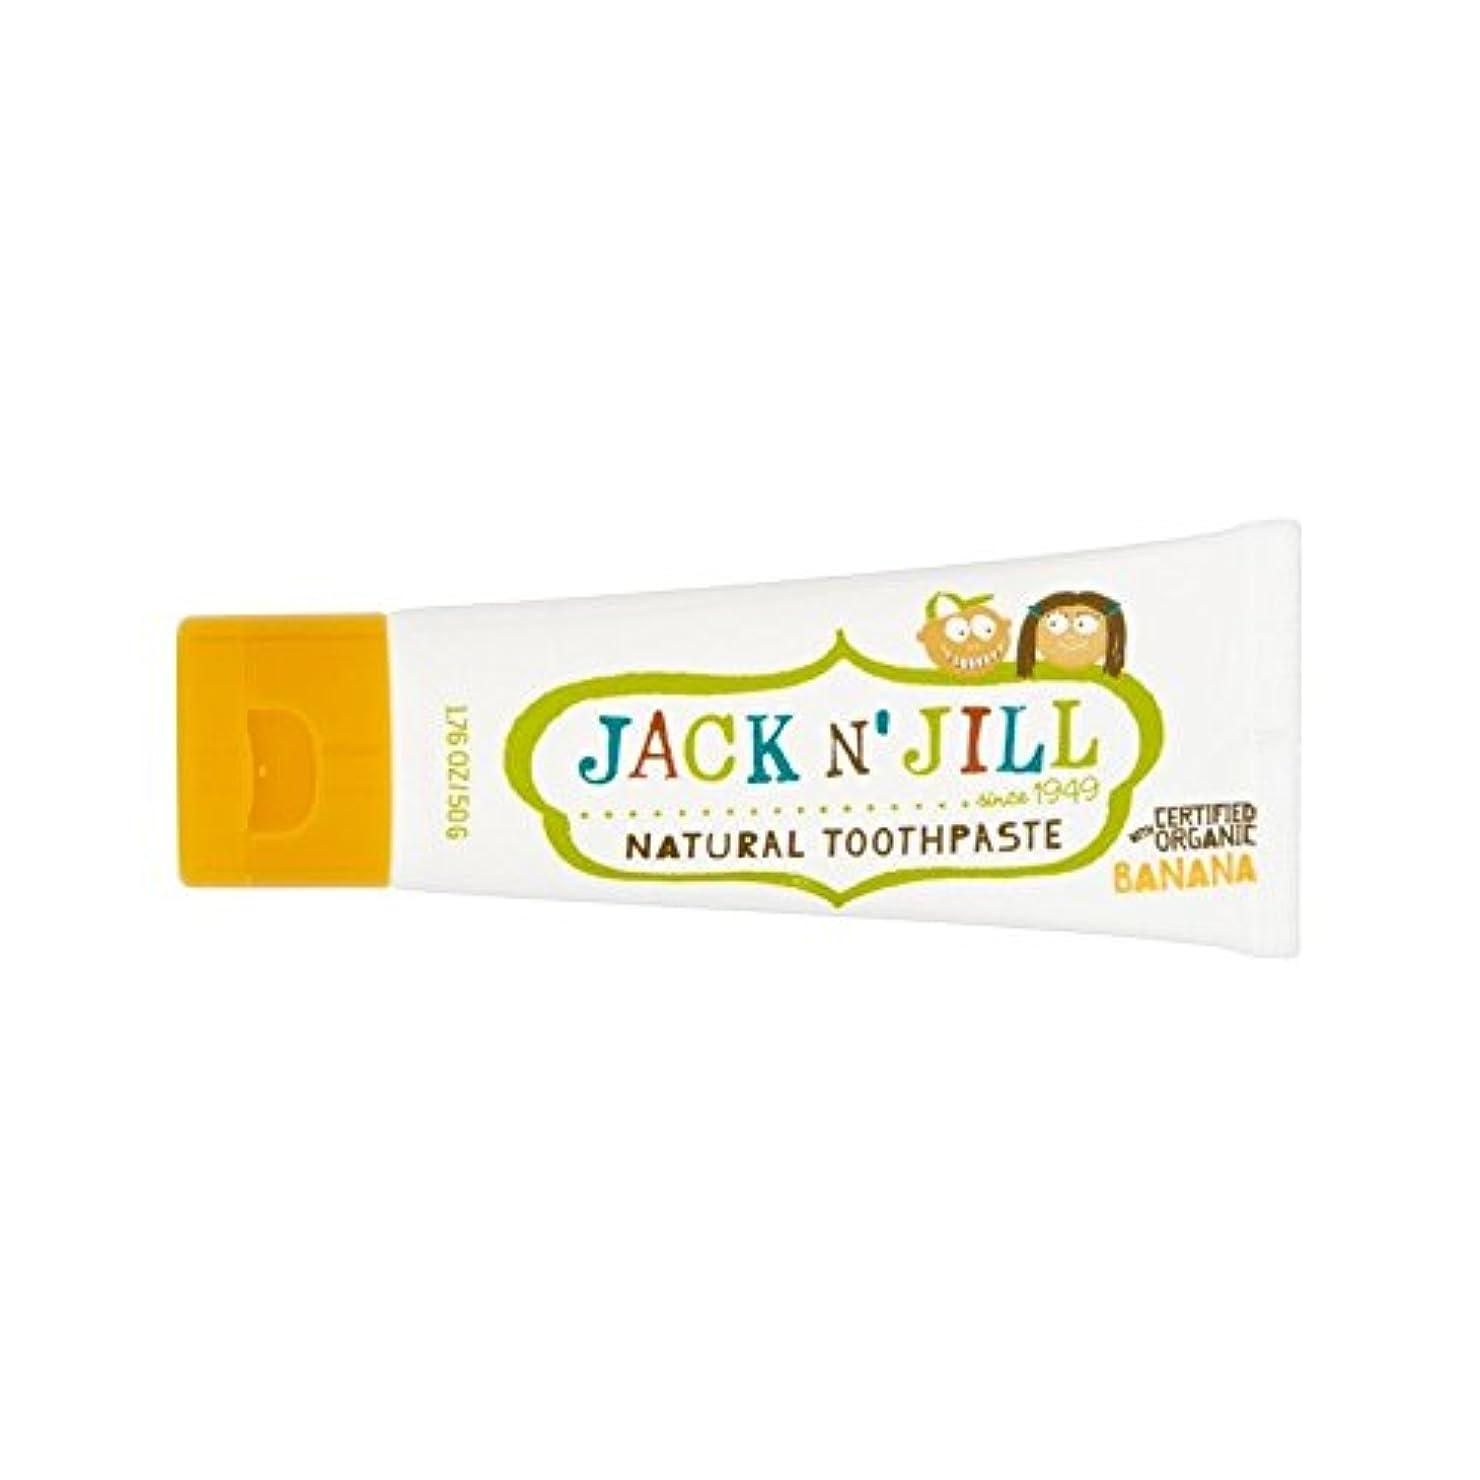 評価するメジャー縫う有機香味50グラムと自然バナナ歯磨き粉 (Jack N Jill) (x 6) - Jack N' Jill Banana Toothpaste Natural with Organic Flavouring 50g (...